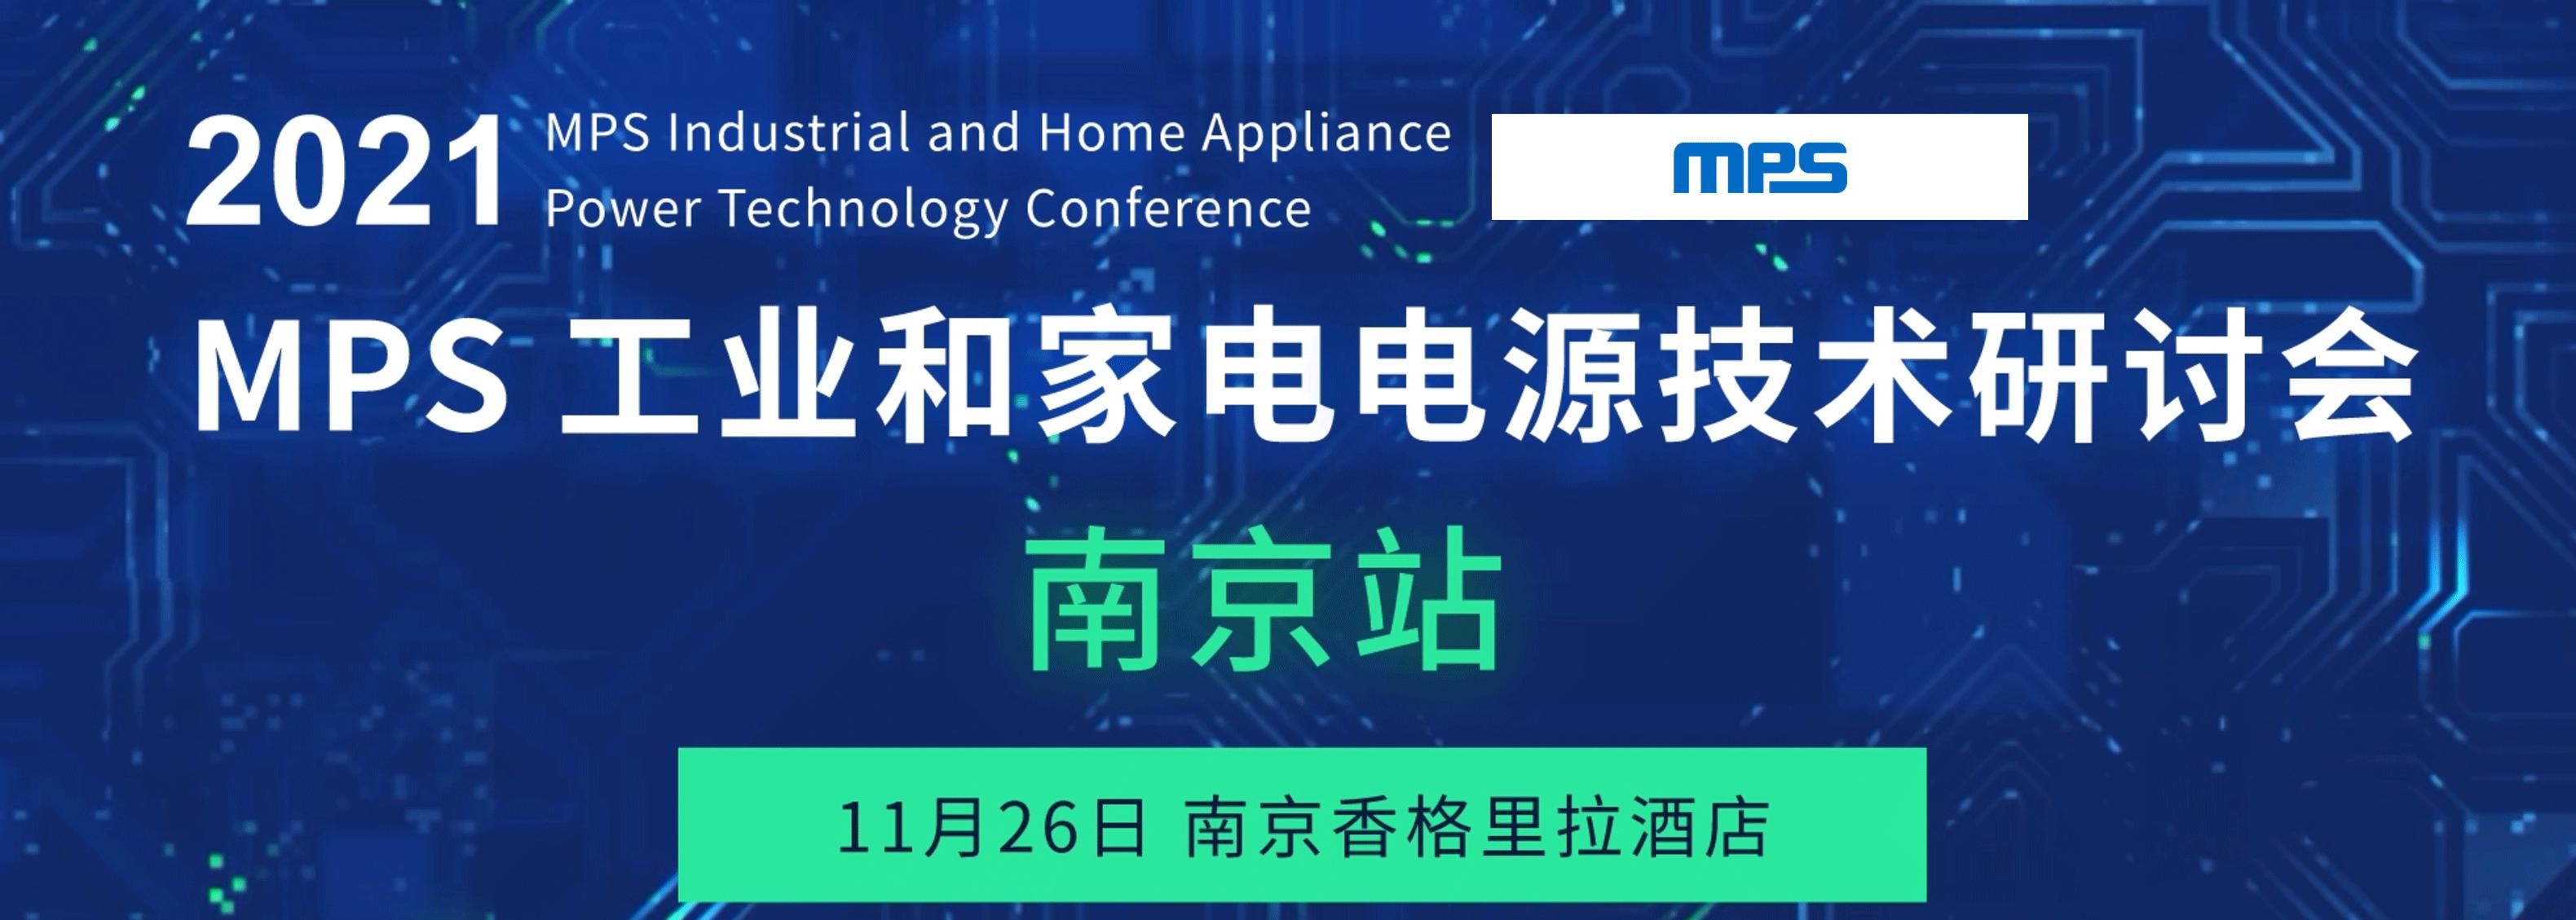 MPS工业和家电电源技术研讨会